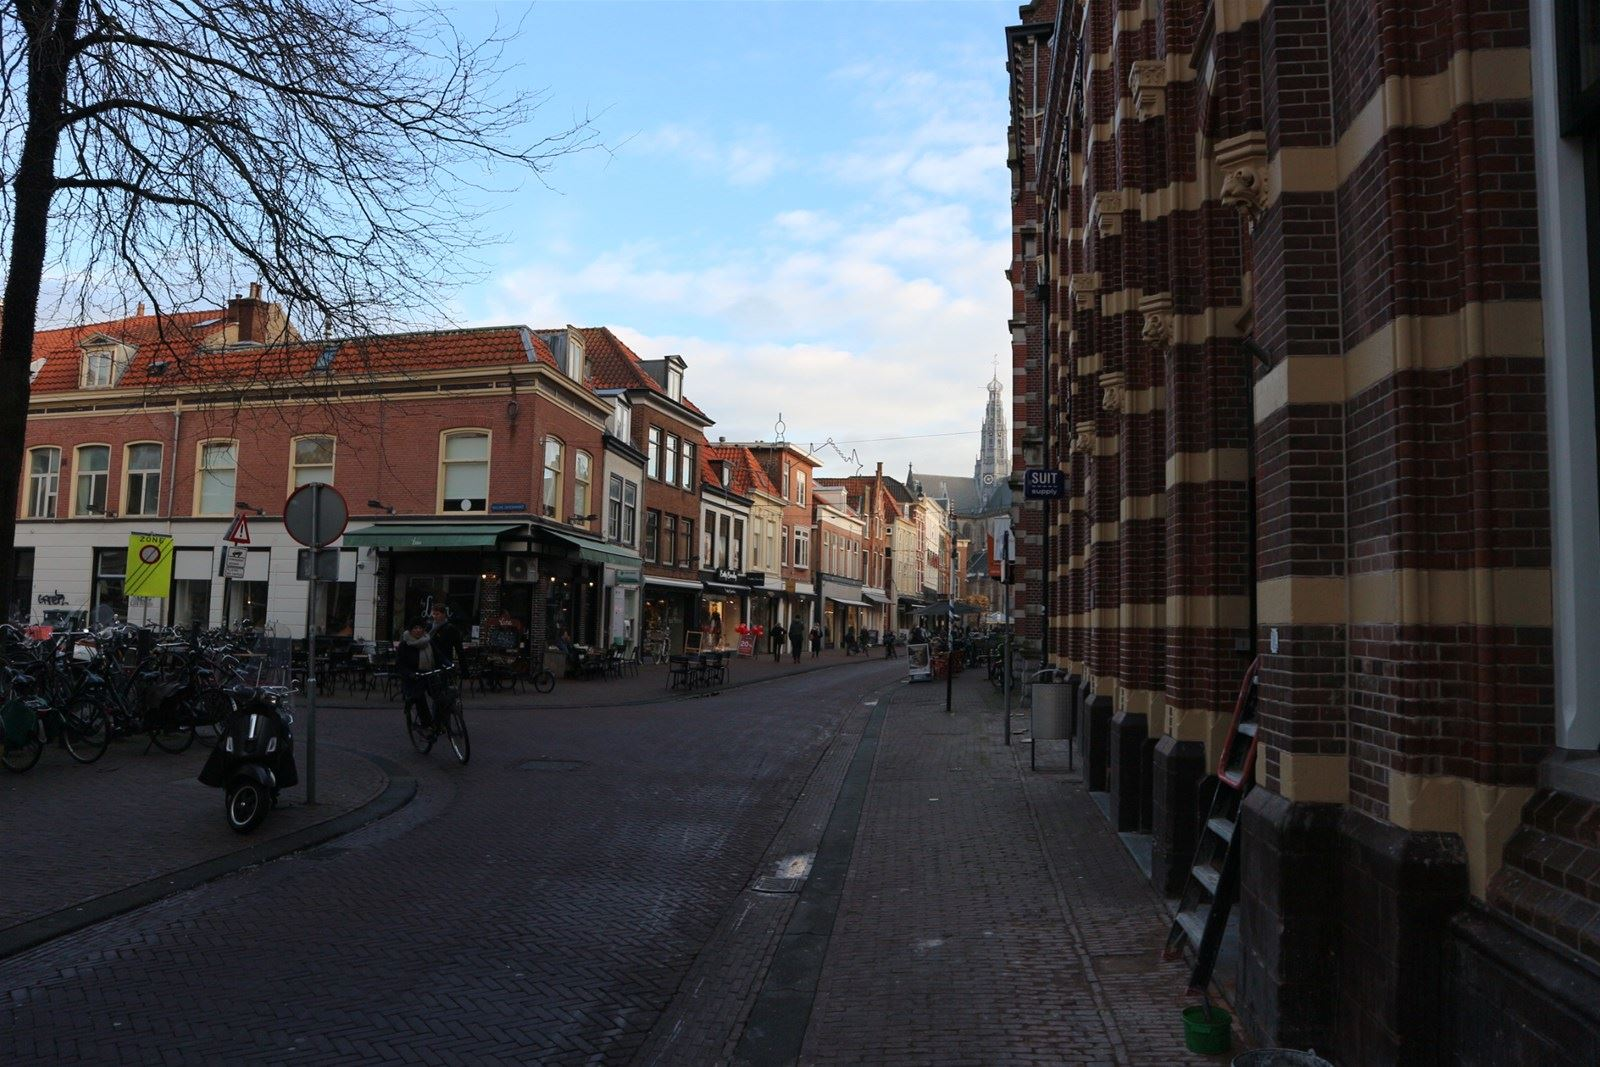 Winkel haarlem zoek winkels te huur zijlstraat 61 2011 for Funda haarlem centrum